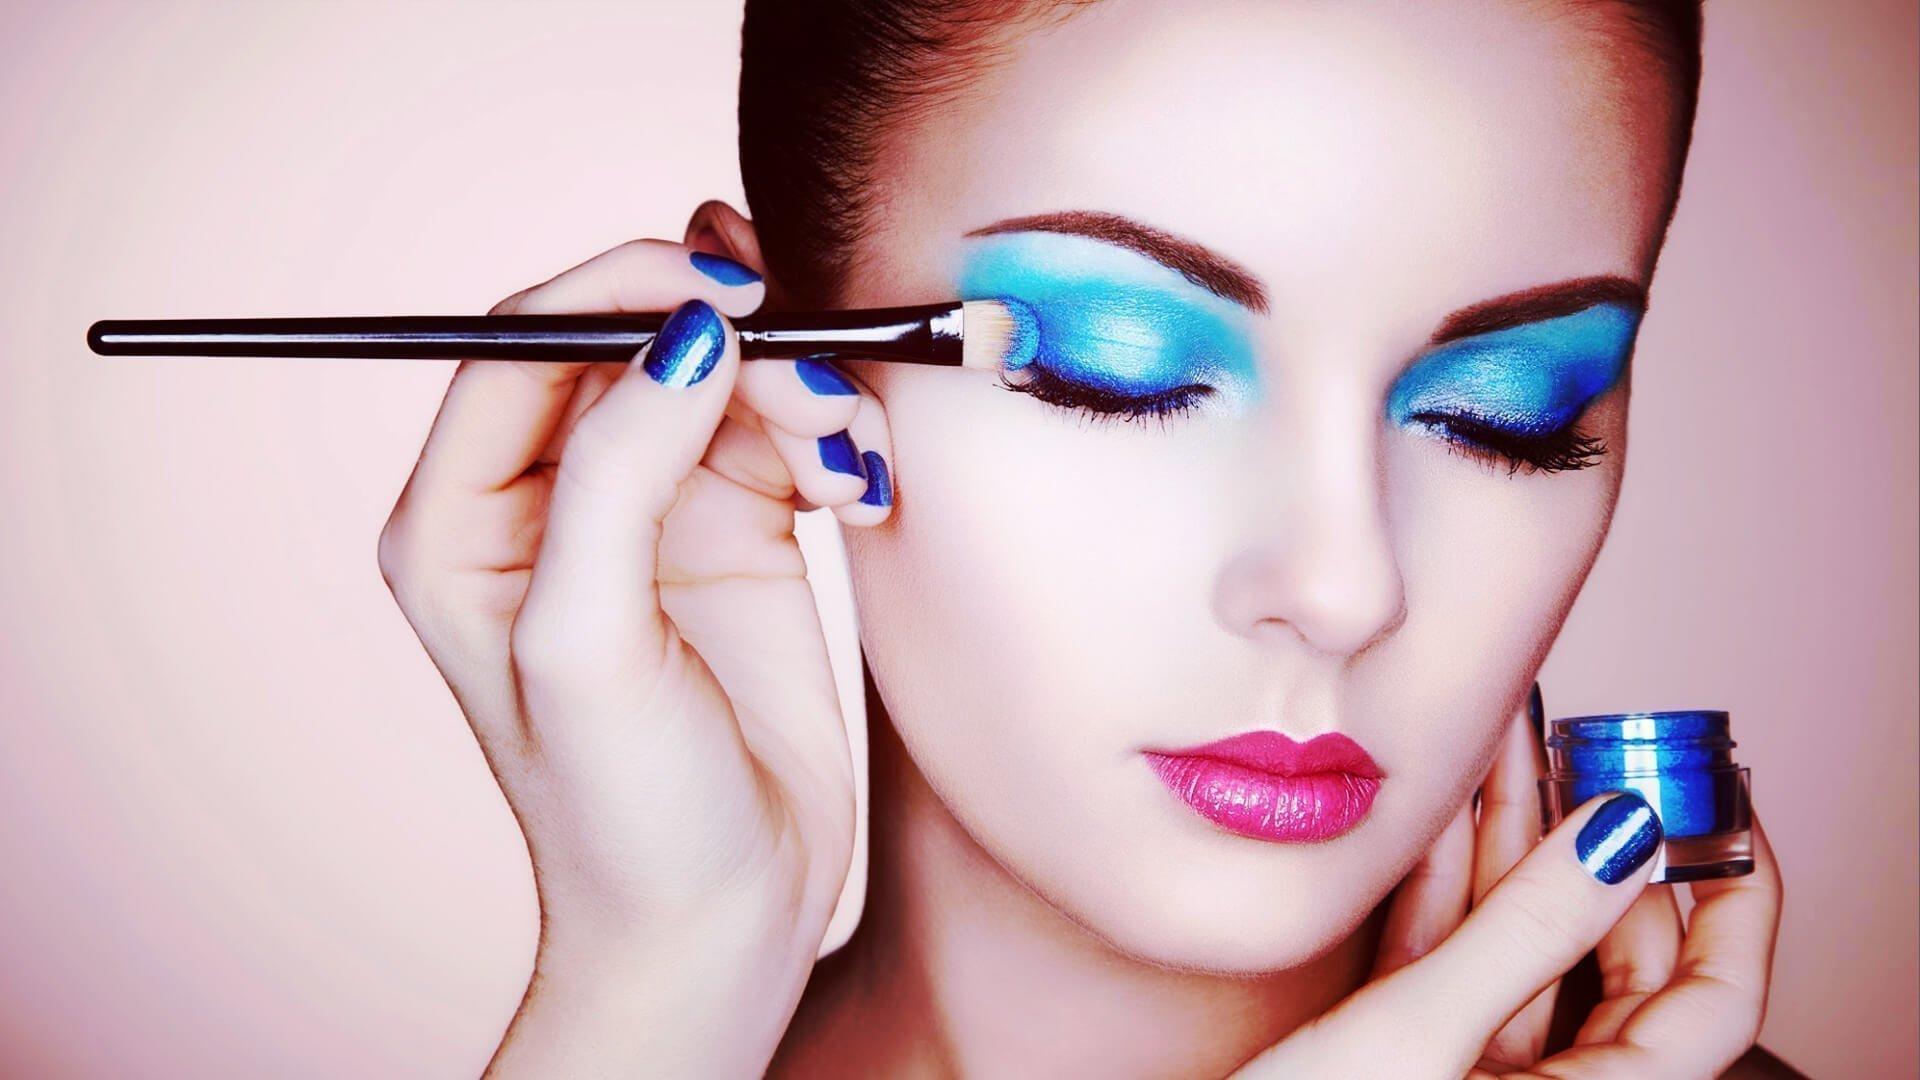 Последовательность нанесения макияжа на лицо: фото пошагово с картинками. Уроки контурирования для начинающих в домашних условиях